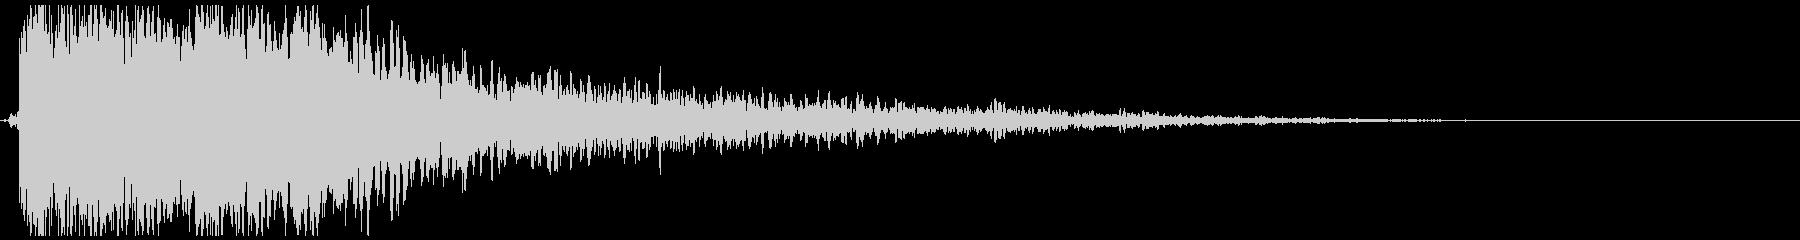 ファンタジー_スタート_決定音の未再生の波形